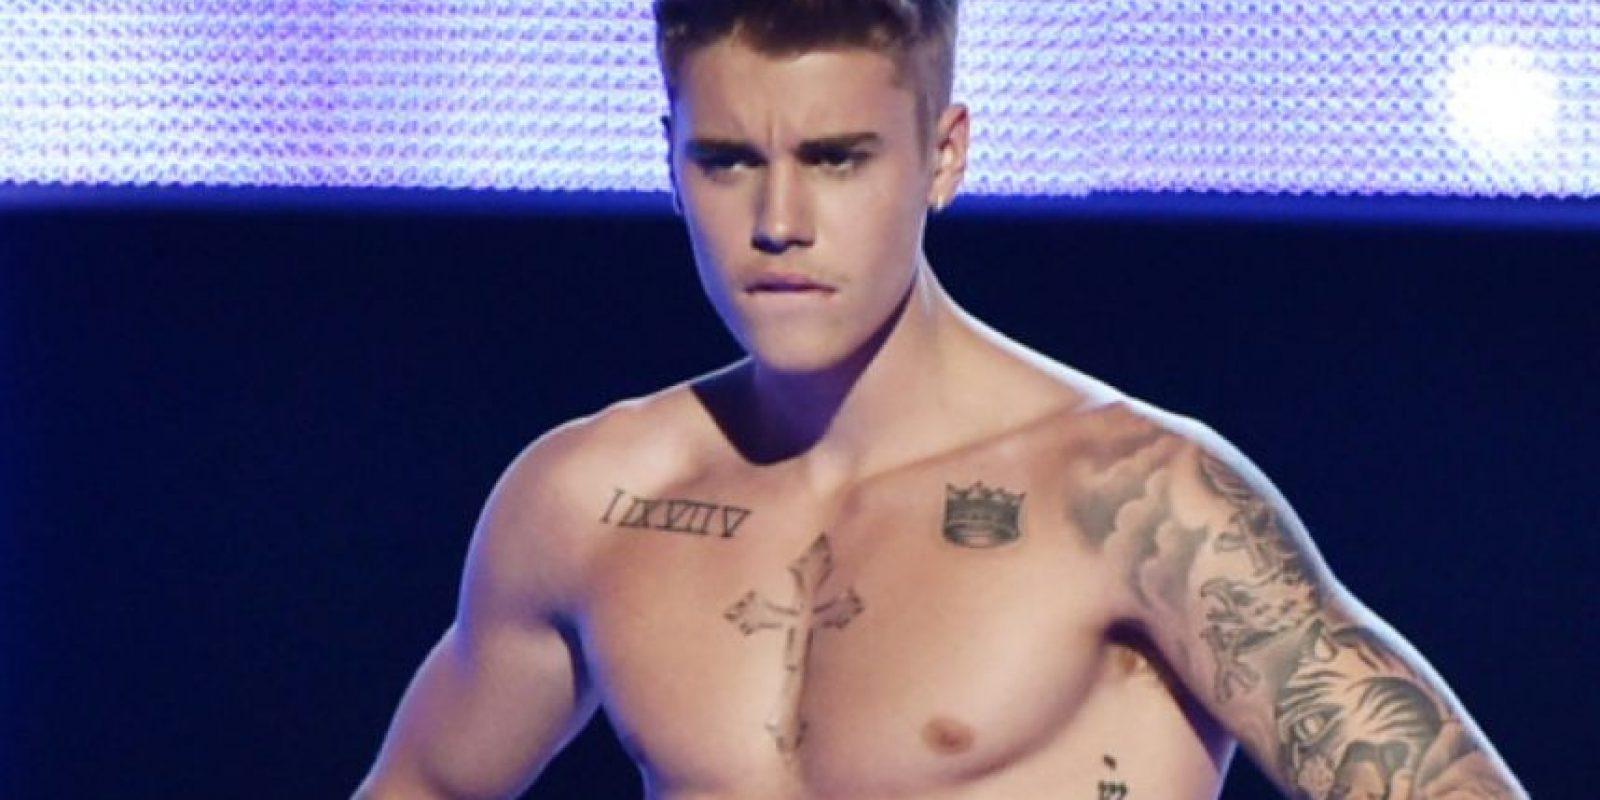 """En el documental """"Never Say Never"""", Justin hace una broma con la palabra """"nigger"""". Uno de los fans se queja: """"Bieber se pasó. No debió usar esa palabra ni siquiera bromeando"""". Foto:vía Getty Images"""